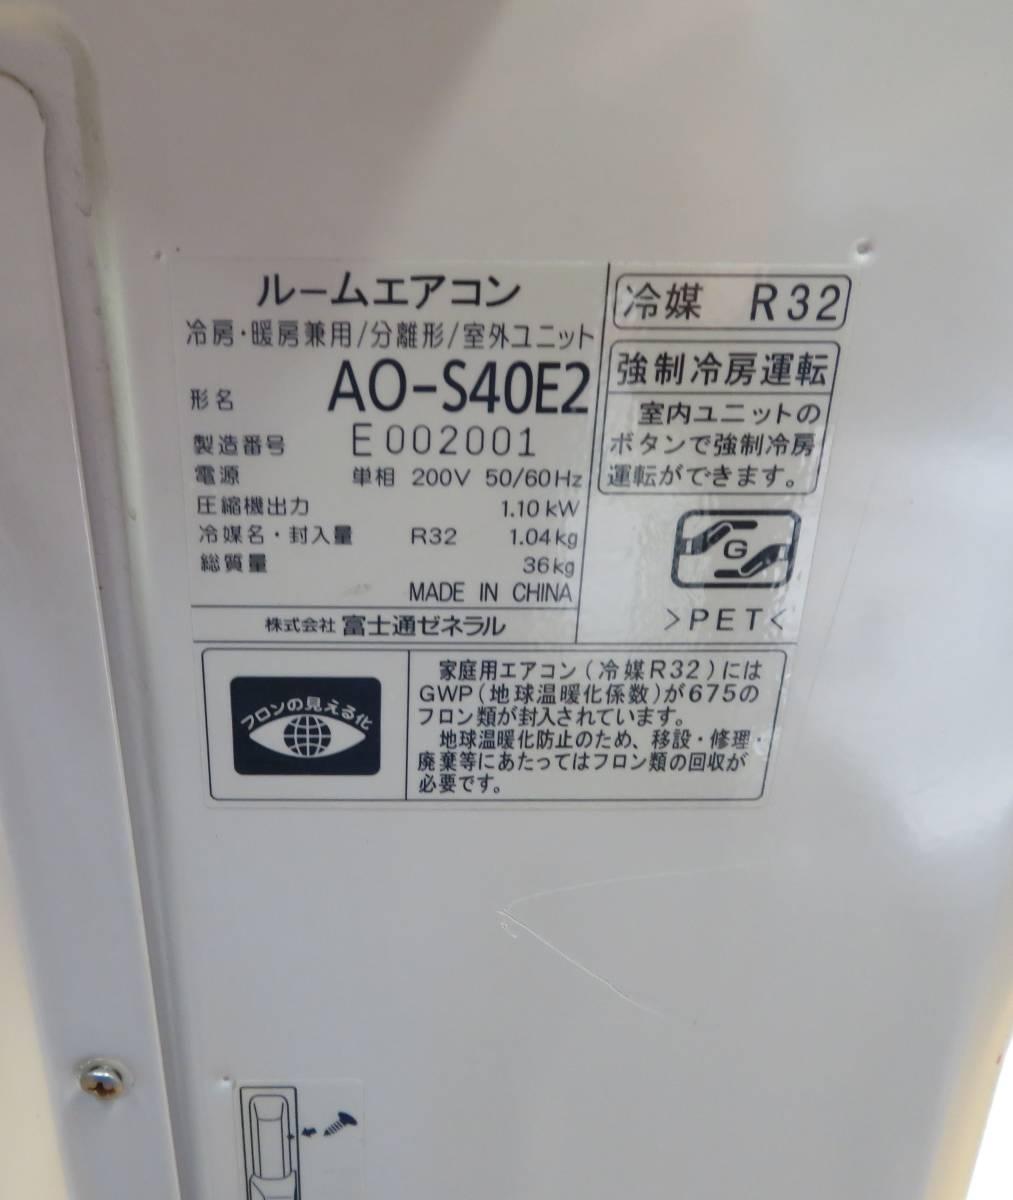 (35) 【2015年】FUJITSU ルームエアコン◆AS-S40E2W/ AO-S40E2 エコナビ R32冷媒 /室内機/室外機 セット200V_画像3